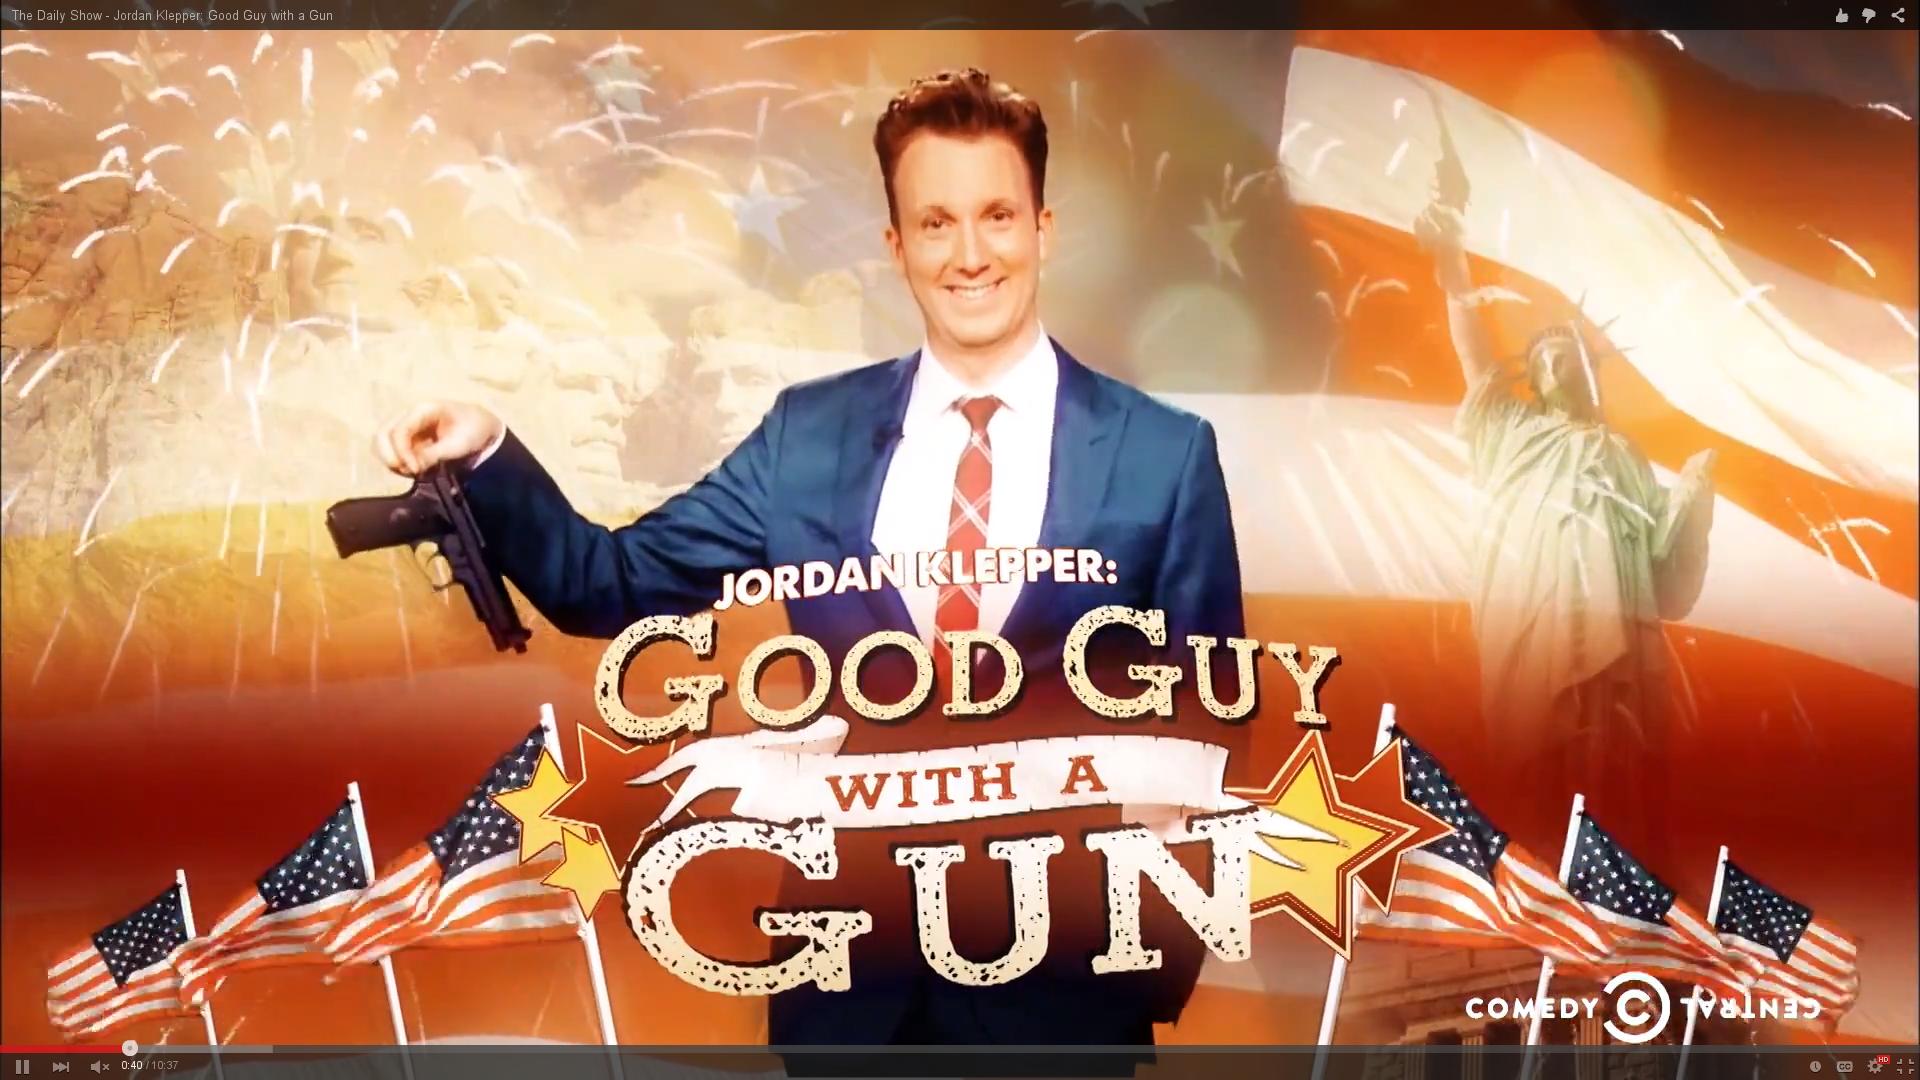 Jordan Klepper: Good Guy with a Gun